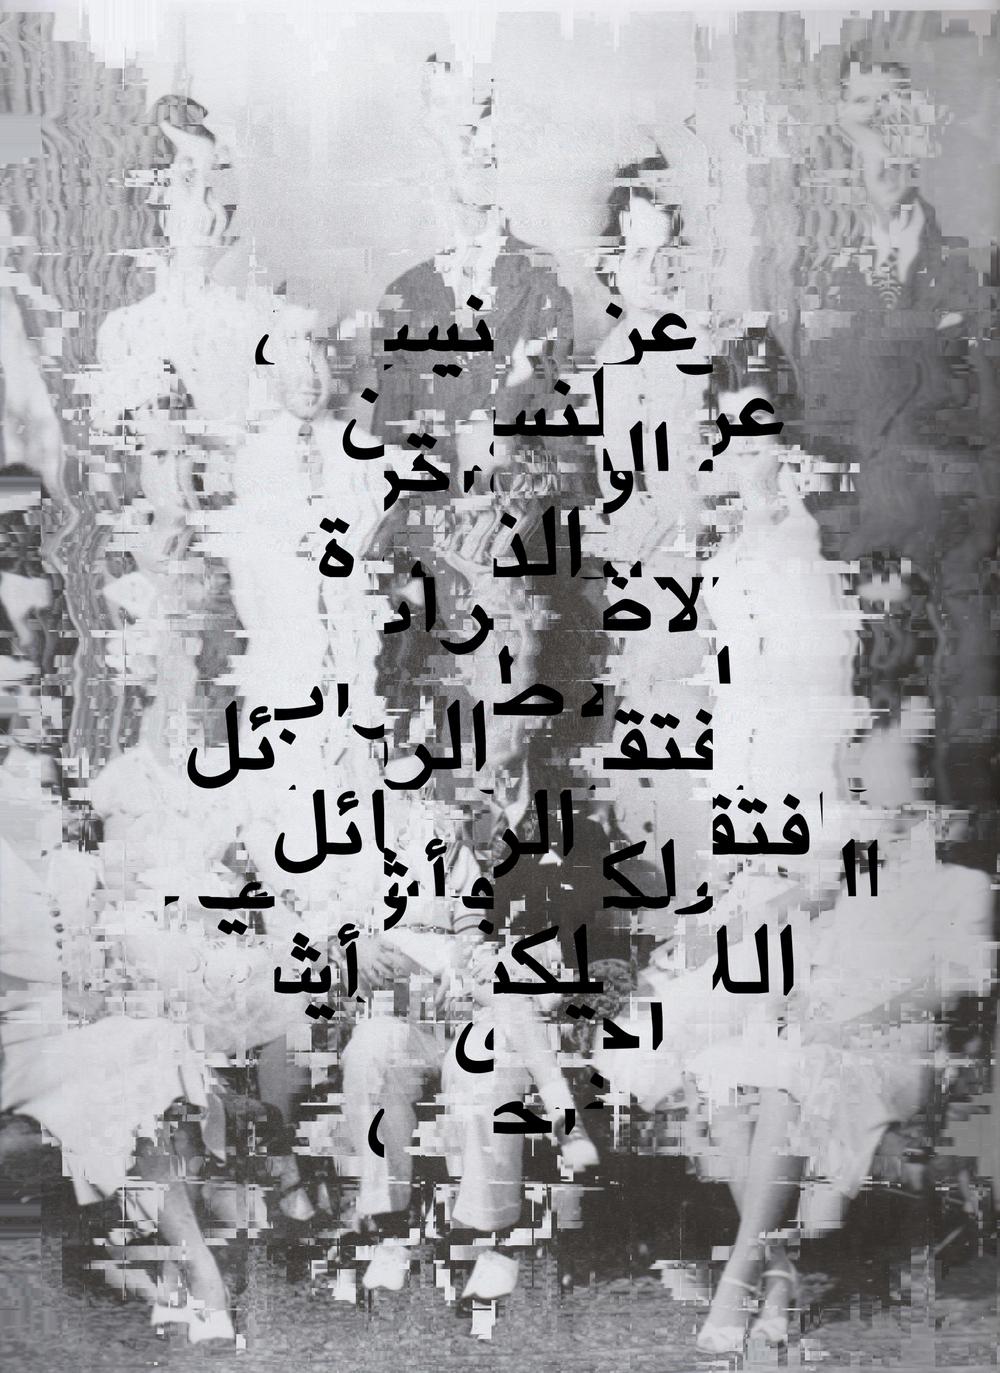 fai_Ahmed-FaiAhmed_losingMemory.jpg